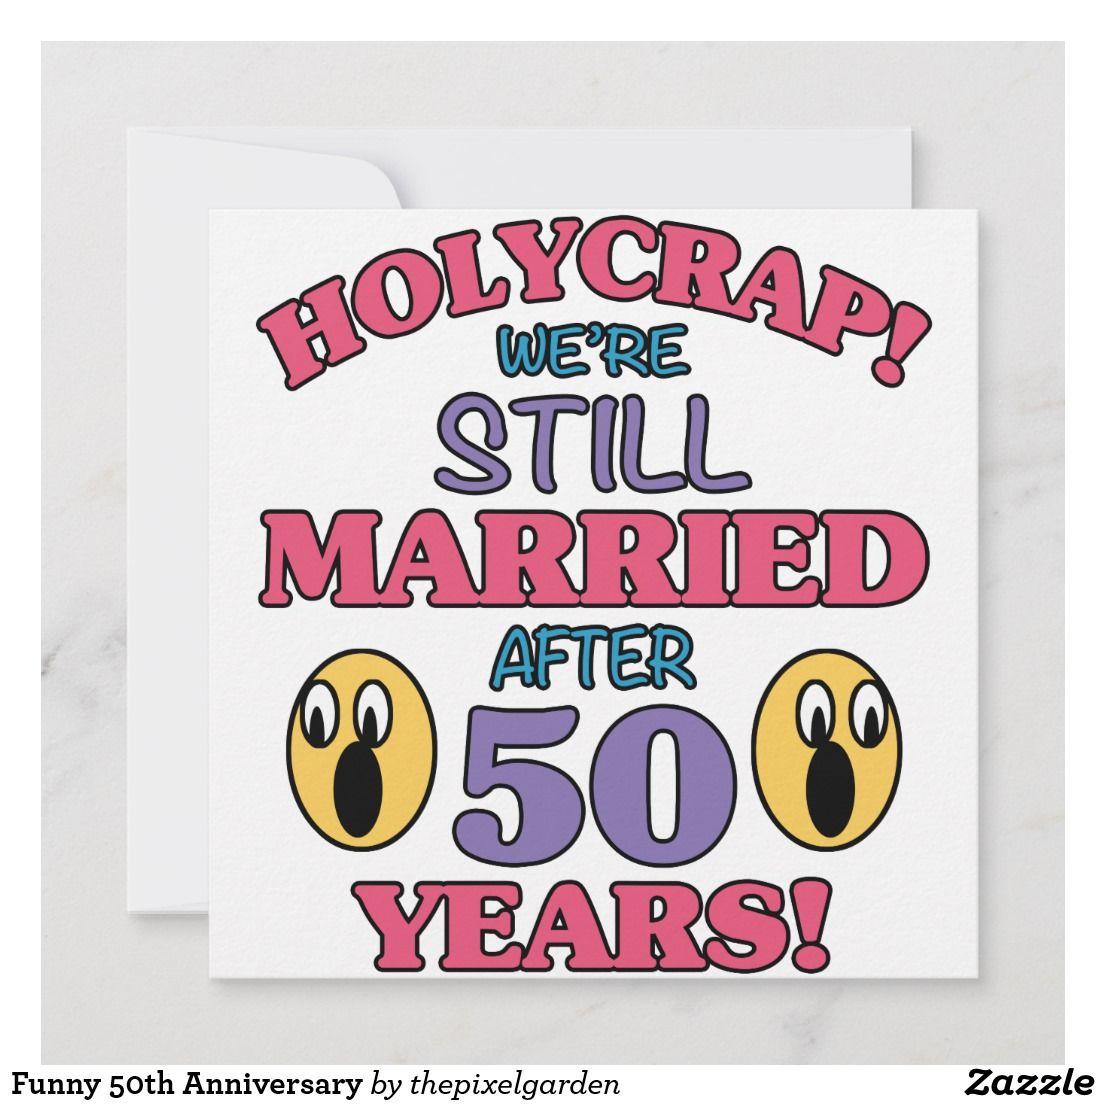 Funny 50th Anniversary Card Zazzle Com 50th Anniversary Cards Funny 50th Anniversary Anniversary Cards